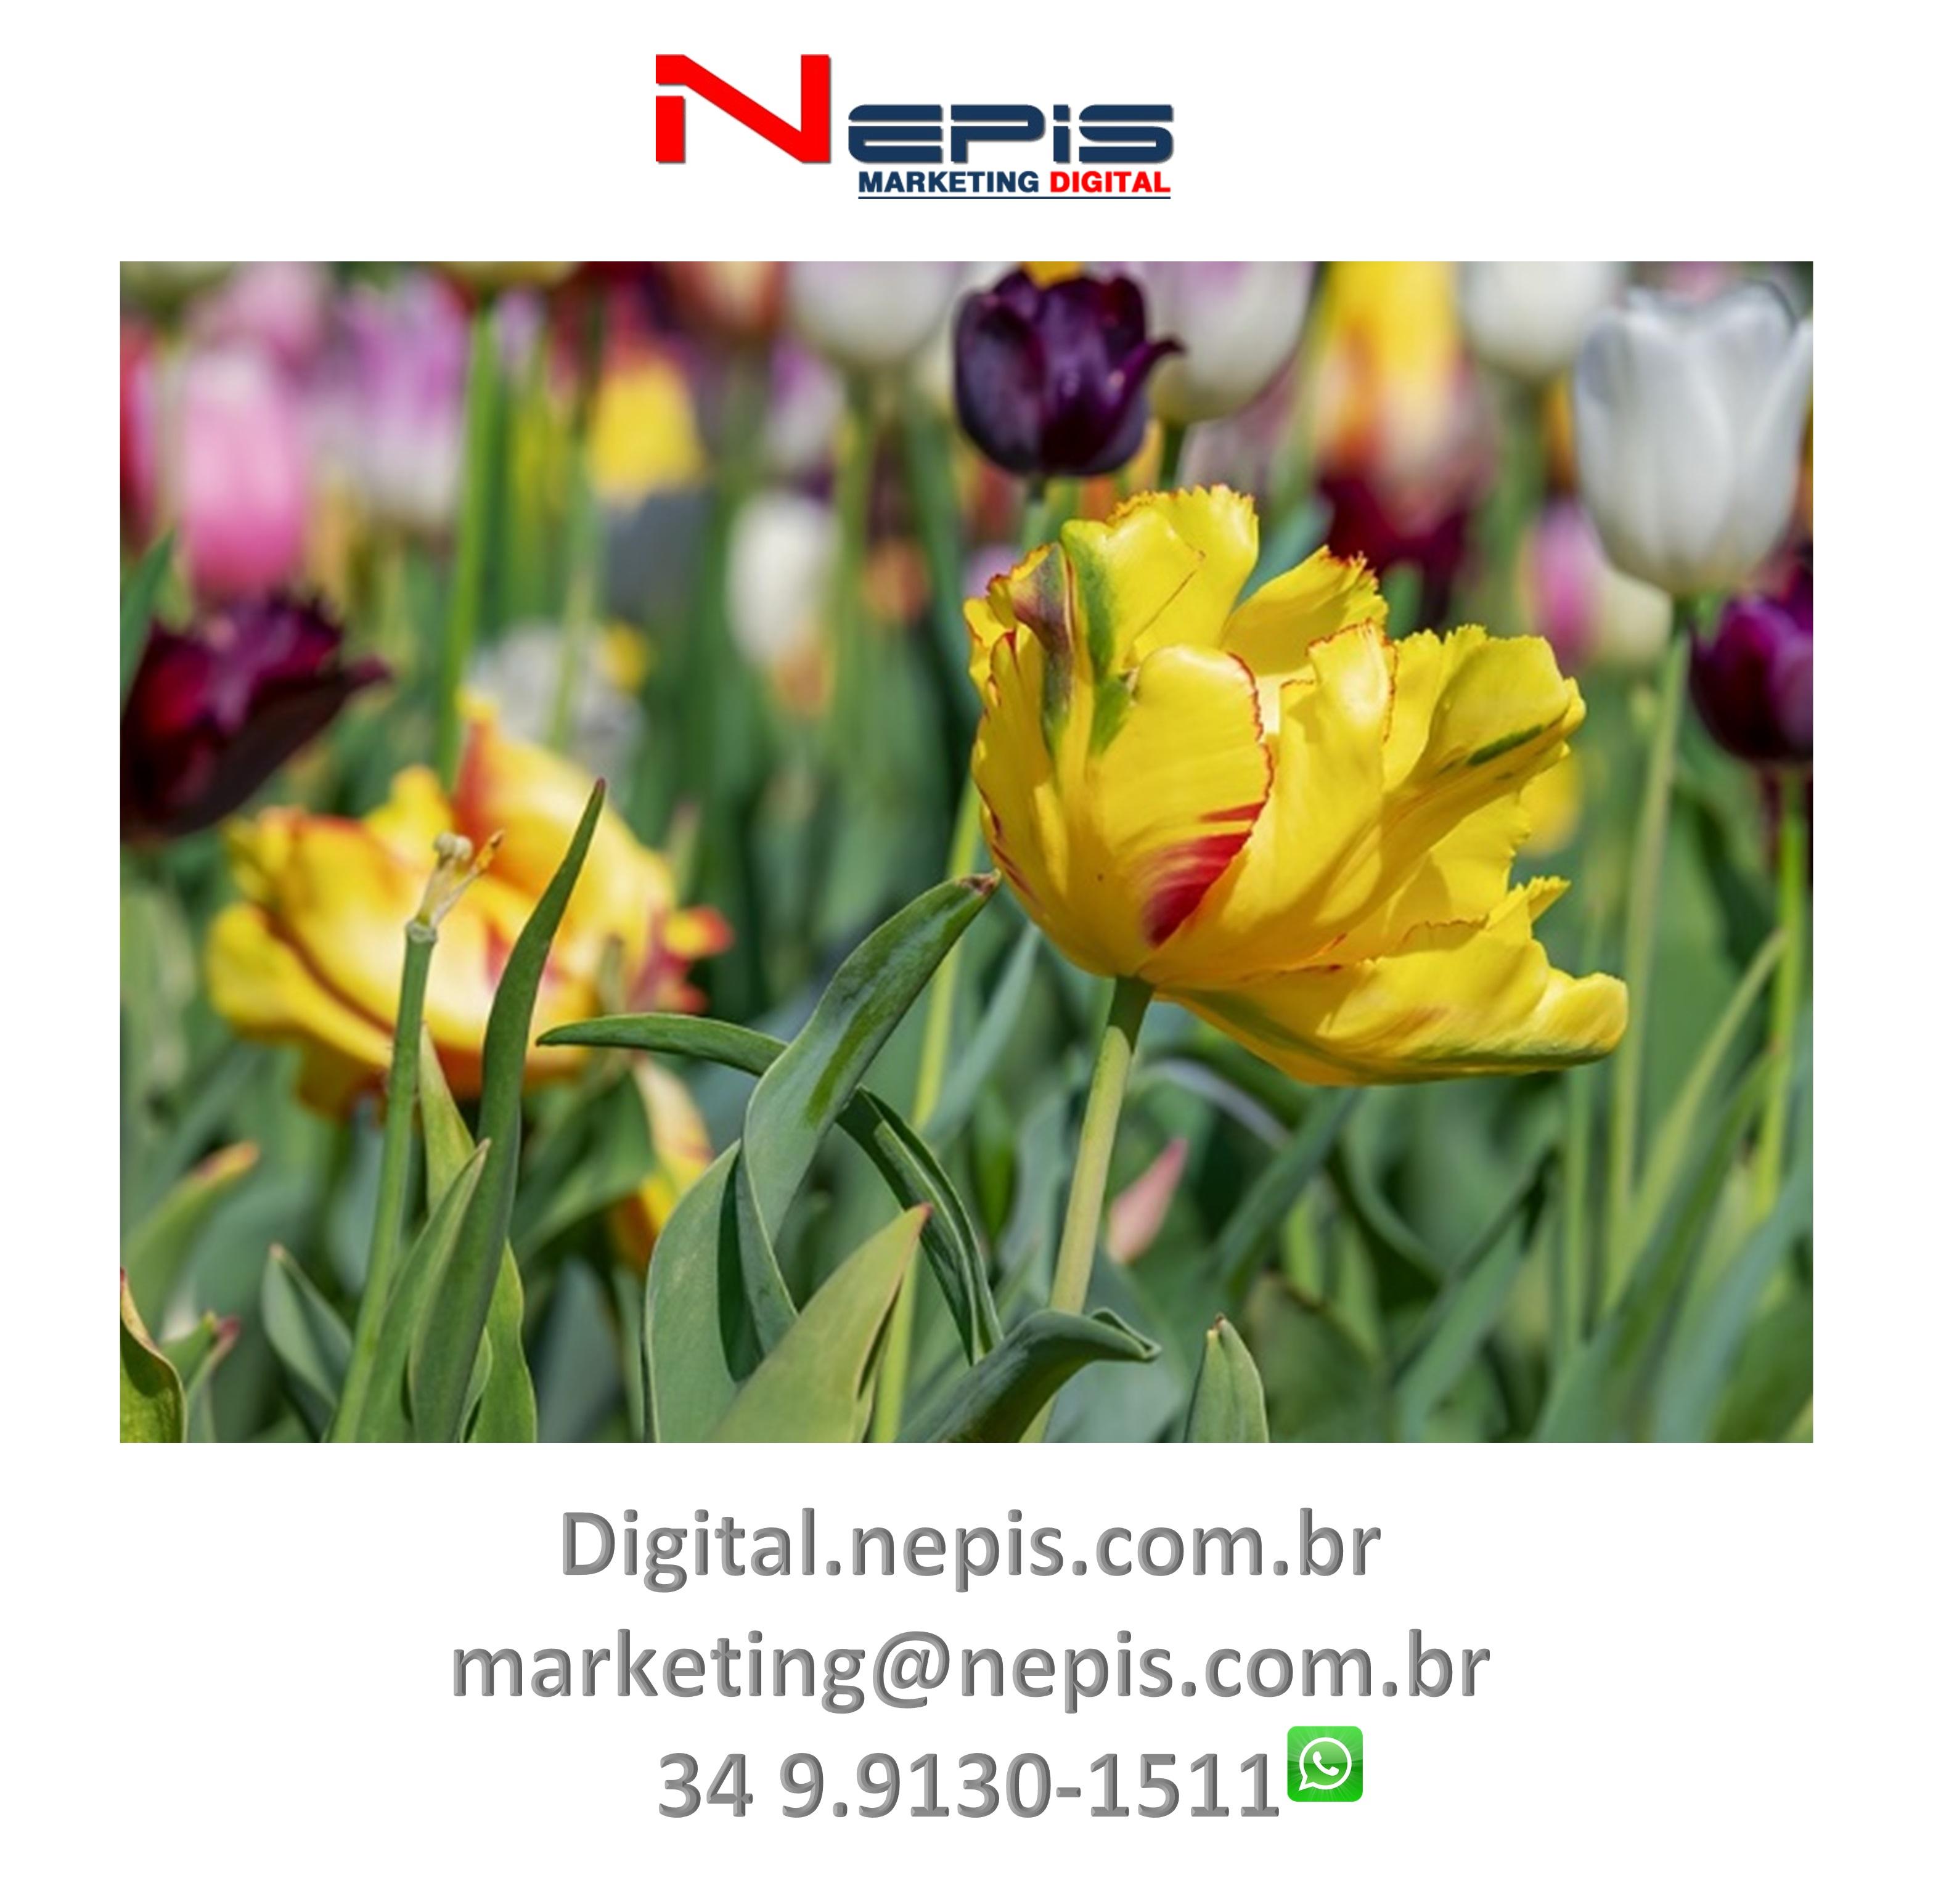 NEPIS Digital Publicidade camapanha flores II